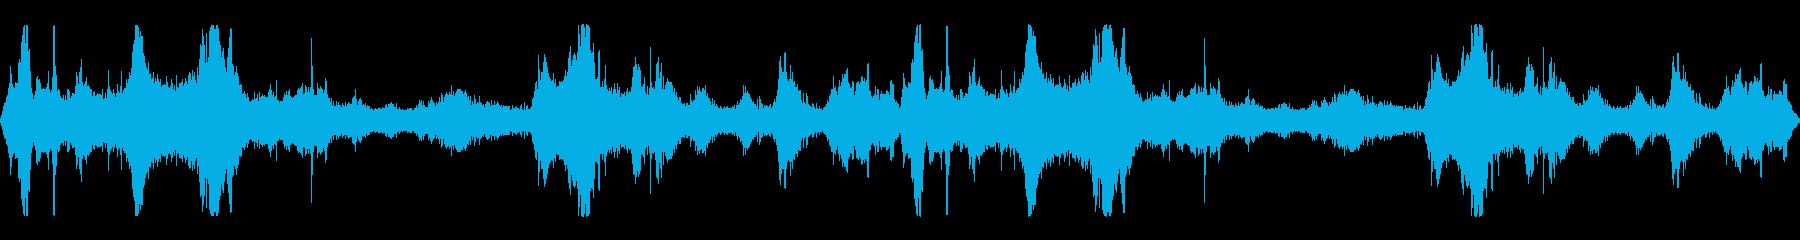 環境音_街中_交通_001の再生済みの波形